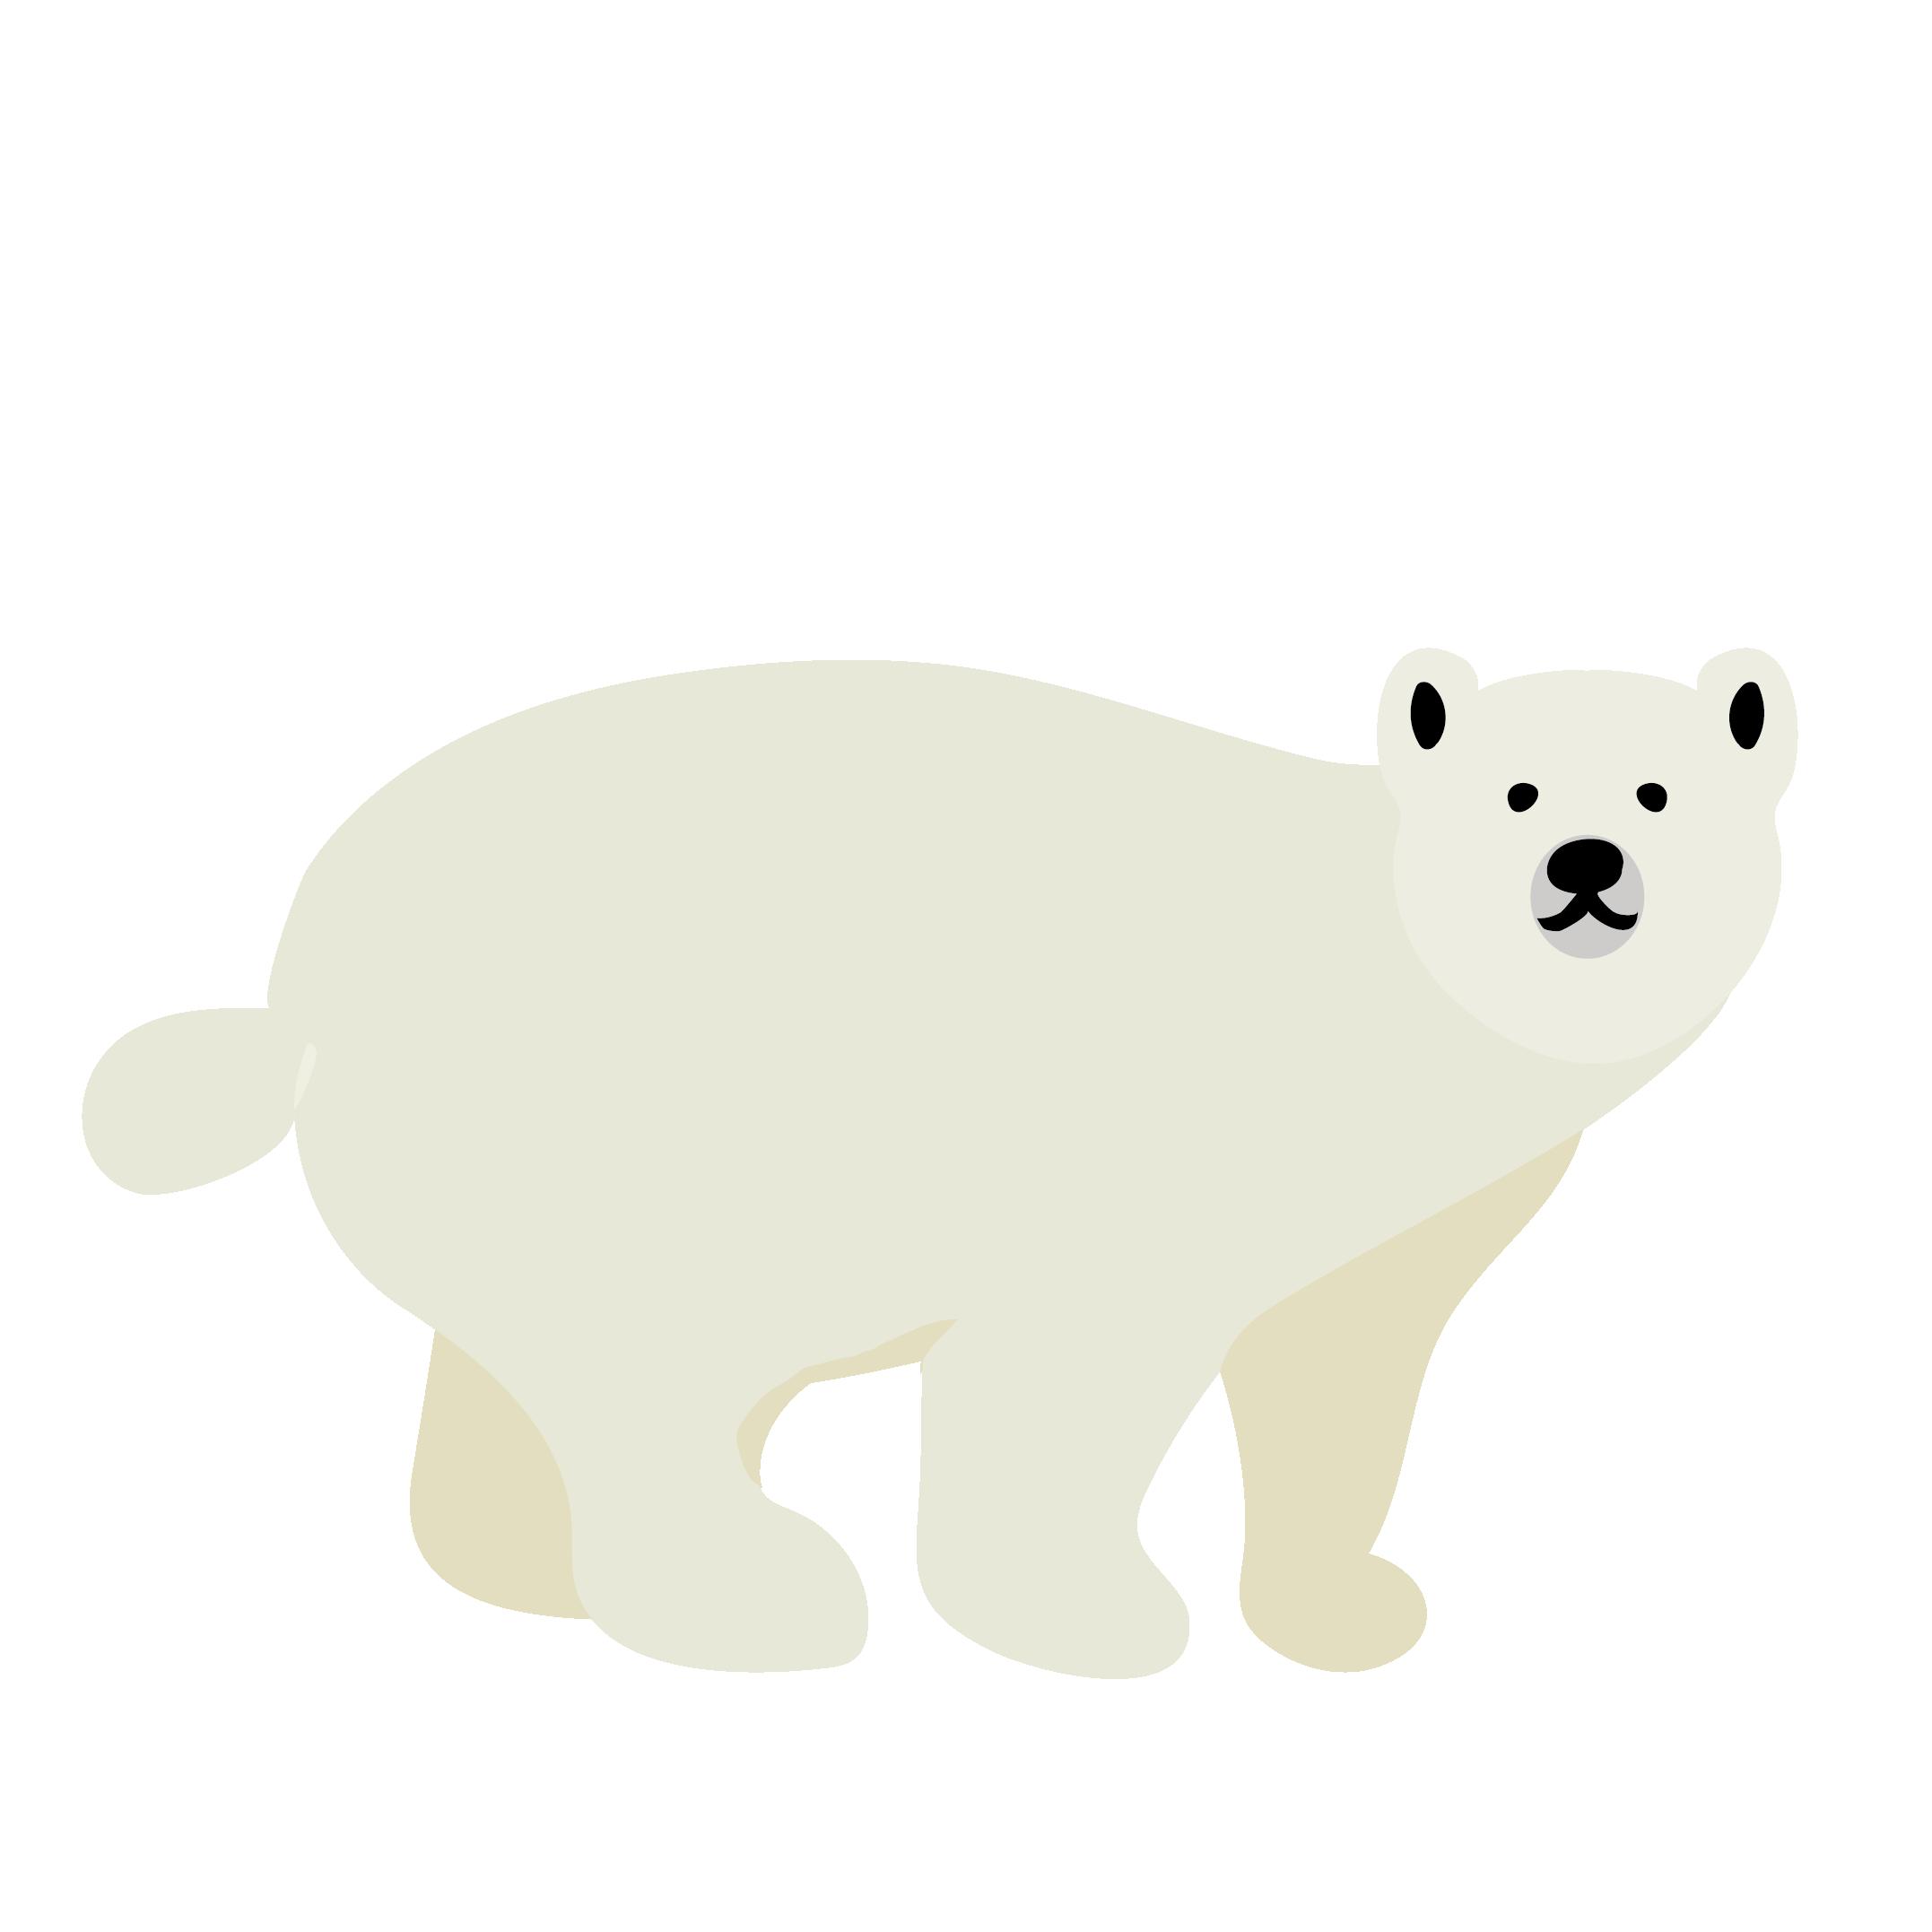 くま イラスト 全身!(白熊・シロクマ) | 商用フリー(無料)のイラスト